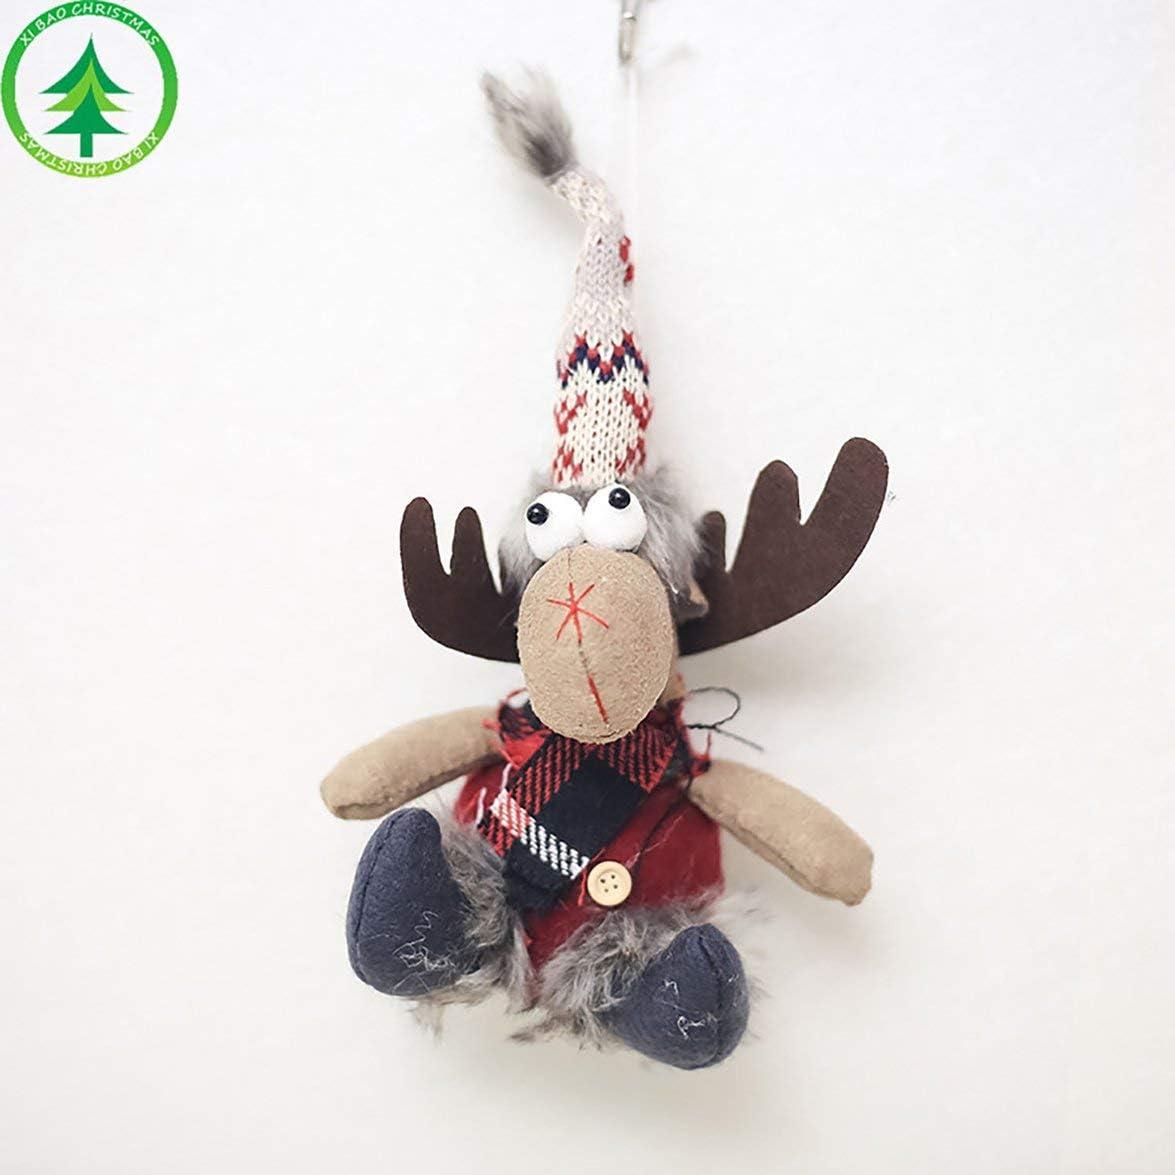 Kongqiabona Weihnachts Elch Puppe Spielzeug Dekoration Ornamente Hängeanhänger Für Kinder Urlaub Zubehör Weiß Rot Küche Haushalt